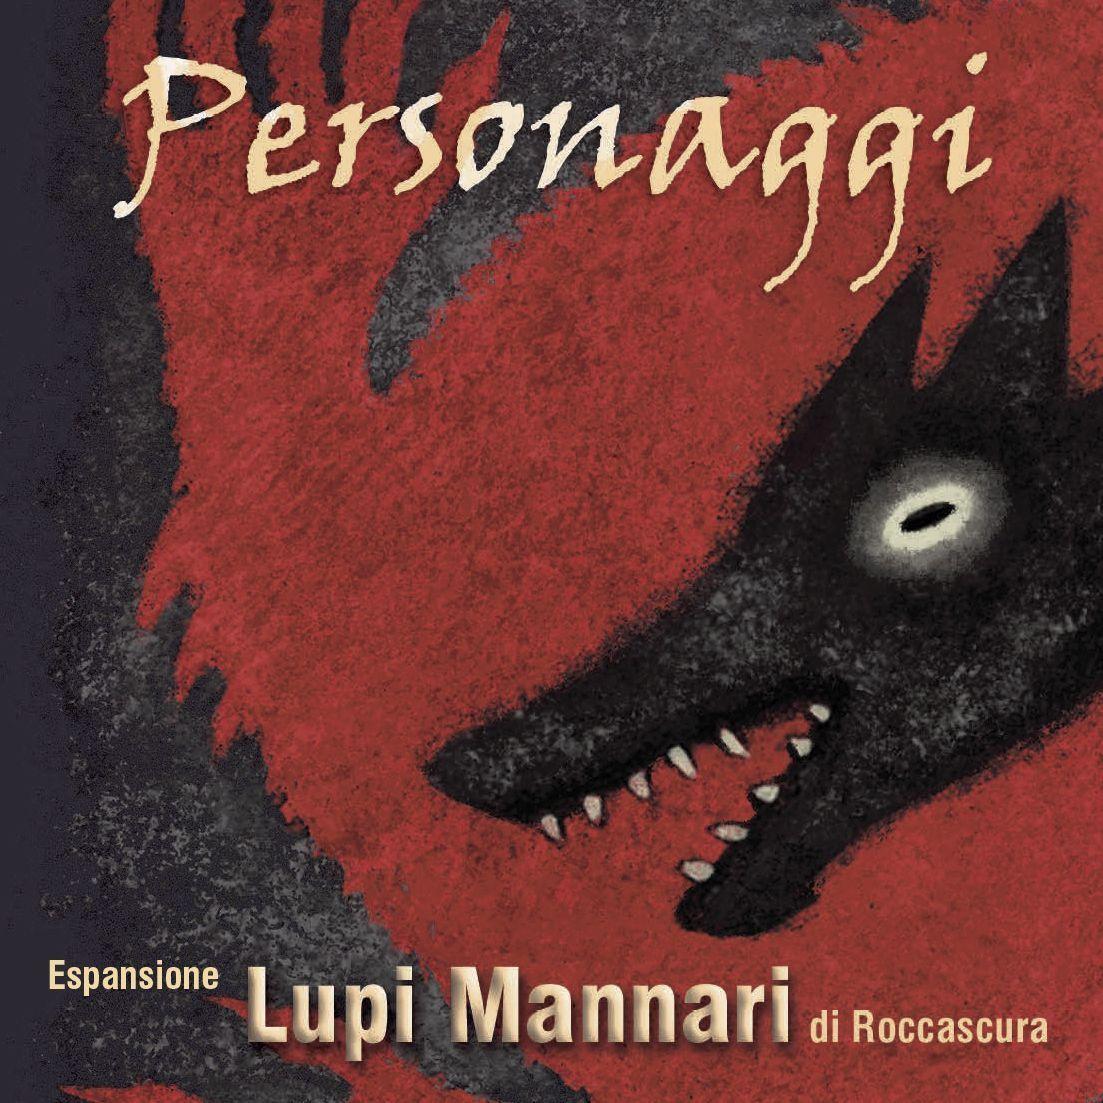 Lupi Mannari di Roccascura: Personaggi - Espansione  (Lingua: Italiano - Stato: Nuovo)